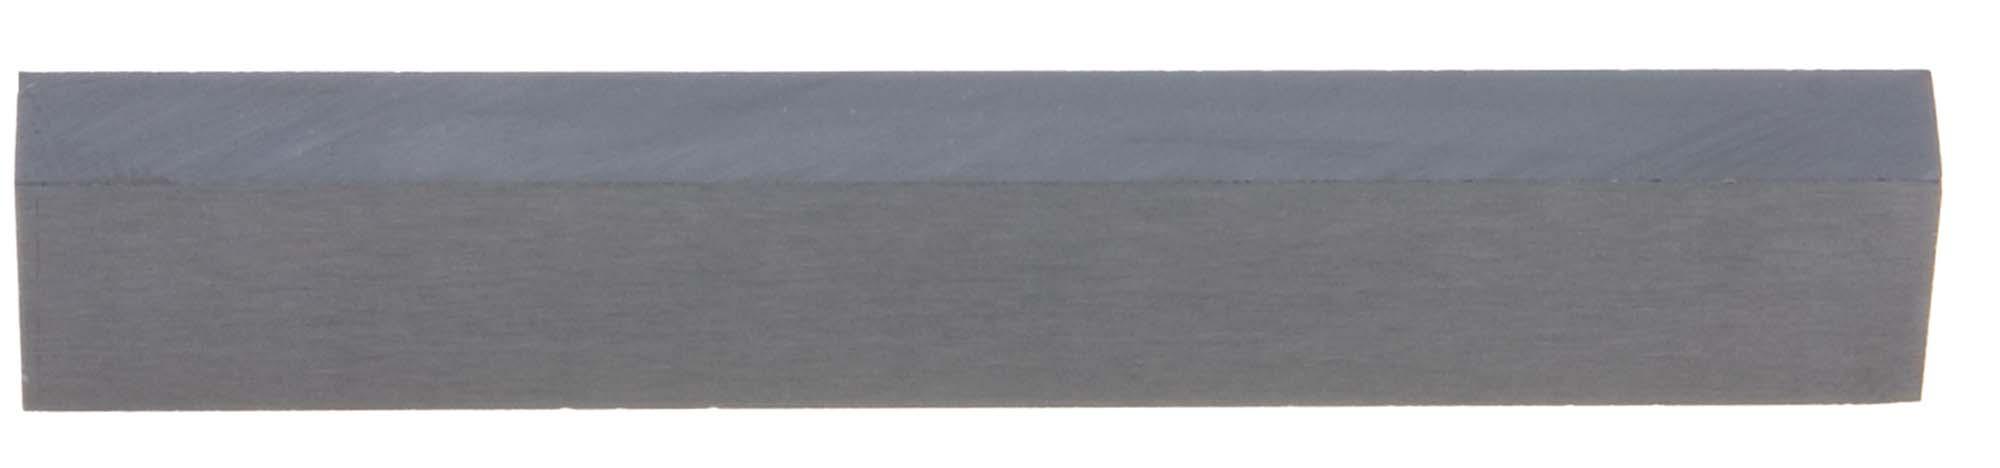 Boron Carbide Dressing Stick